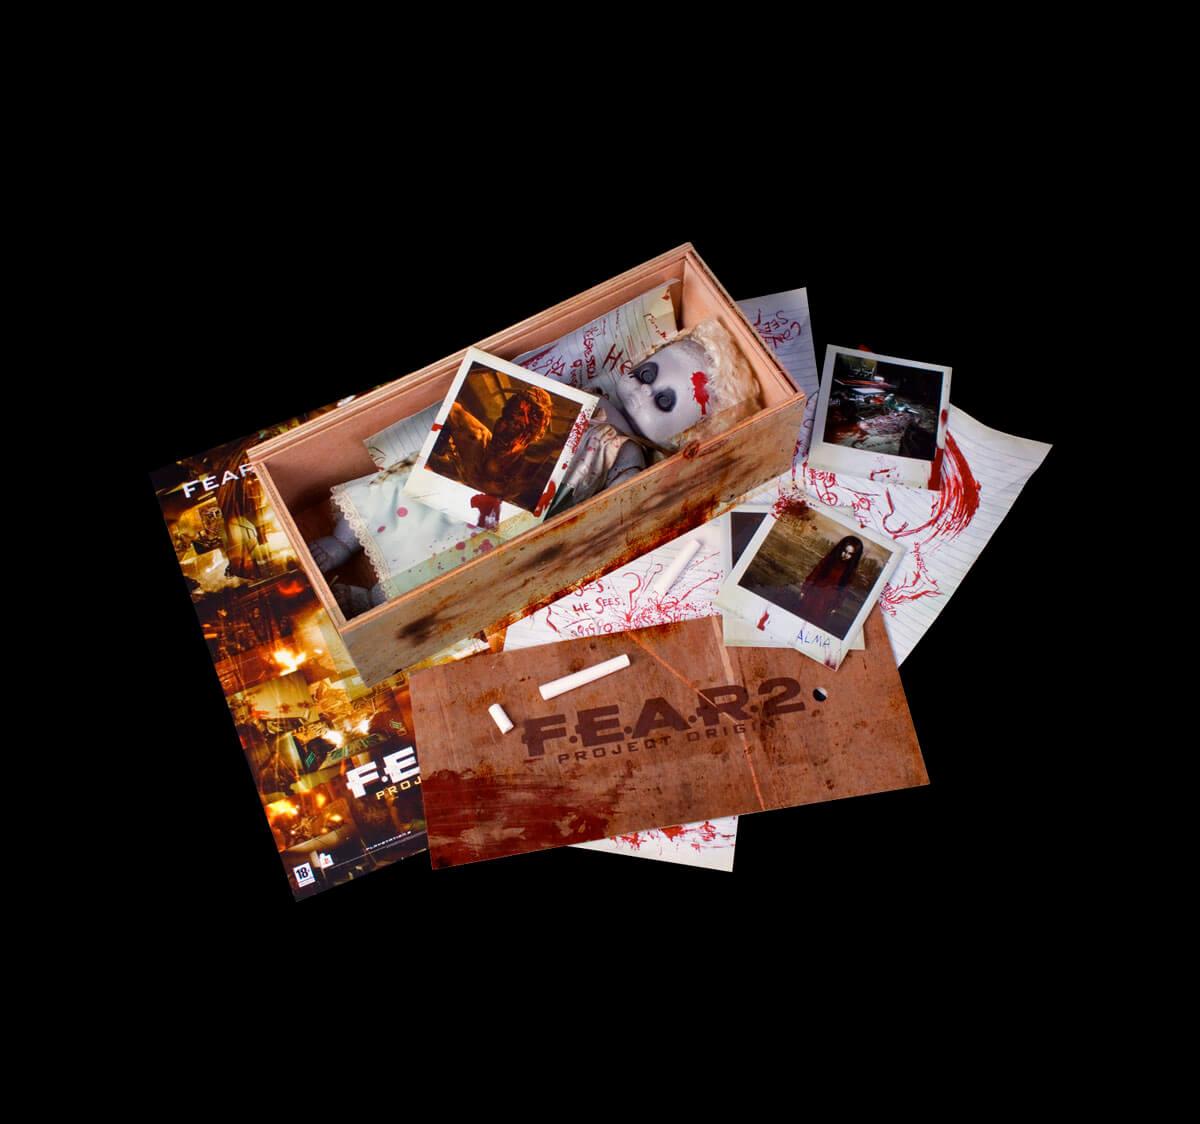 F.E.A.R 2 Media Kit